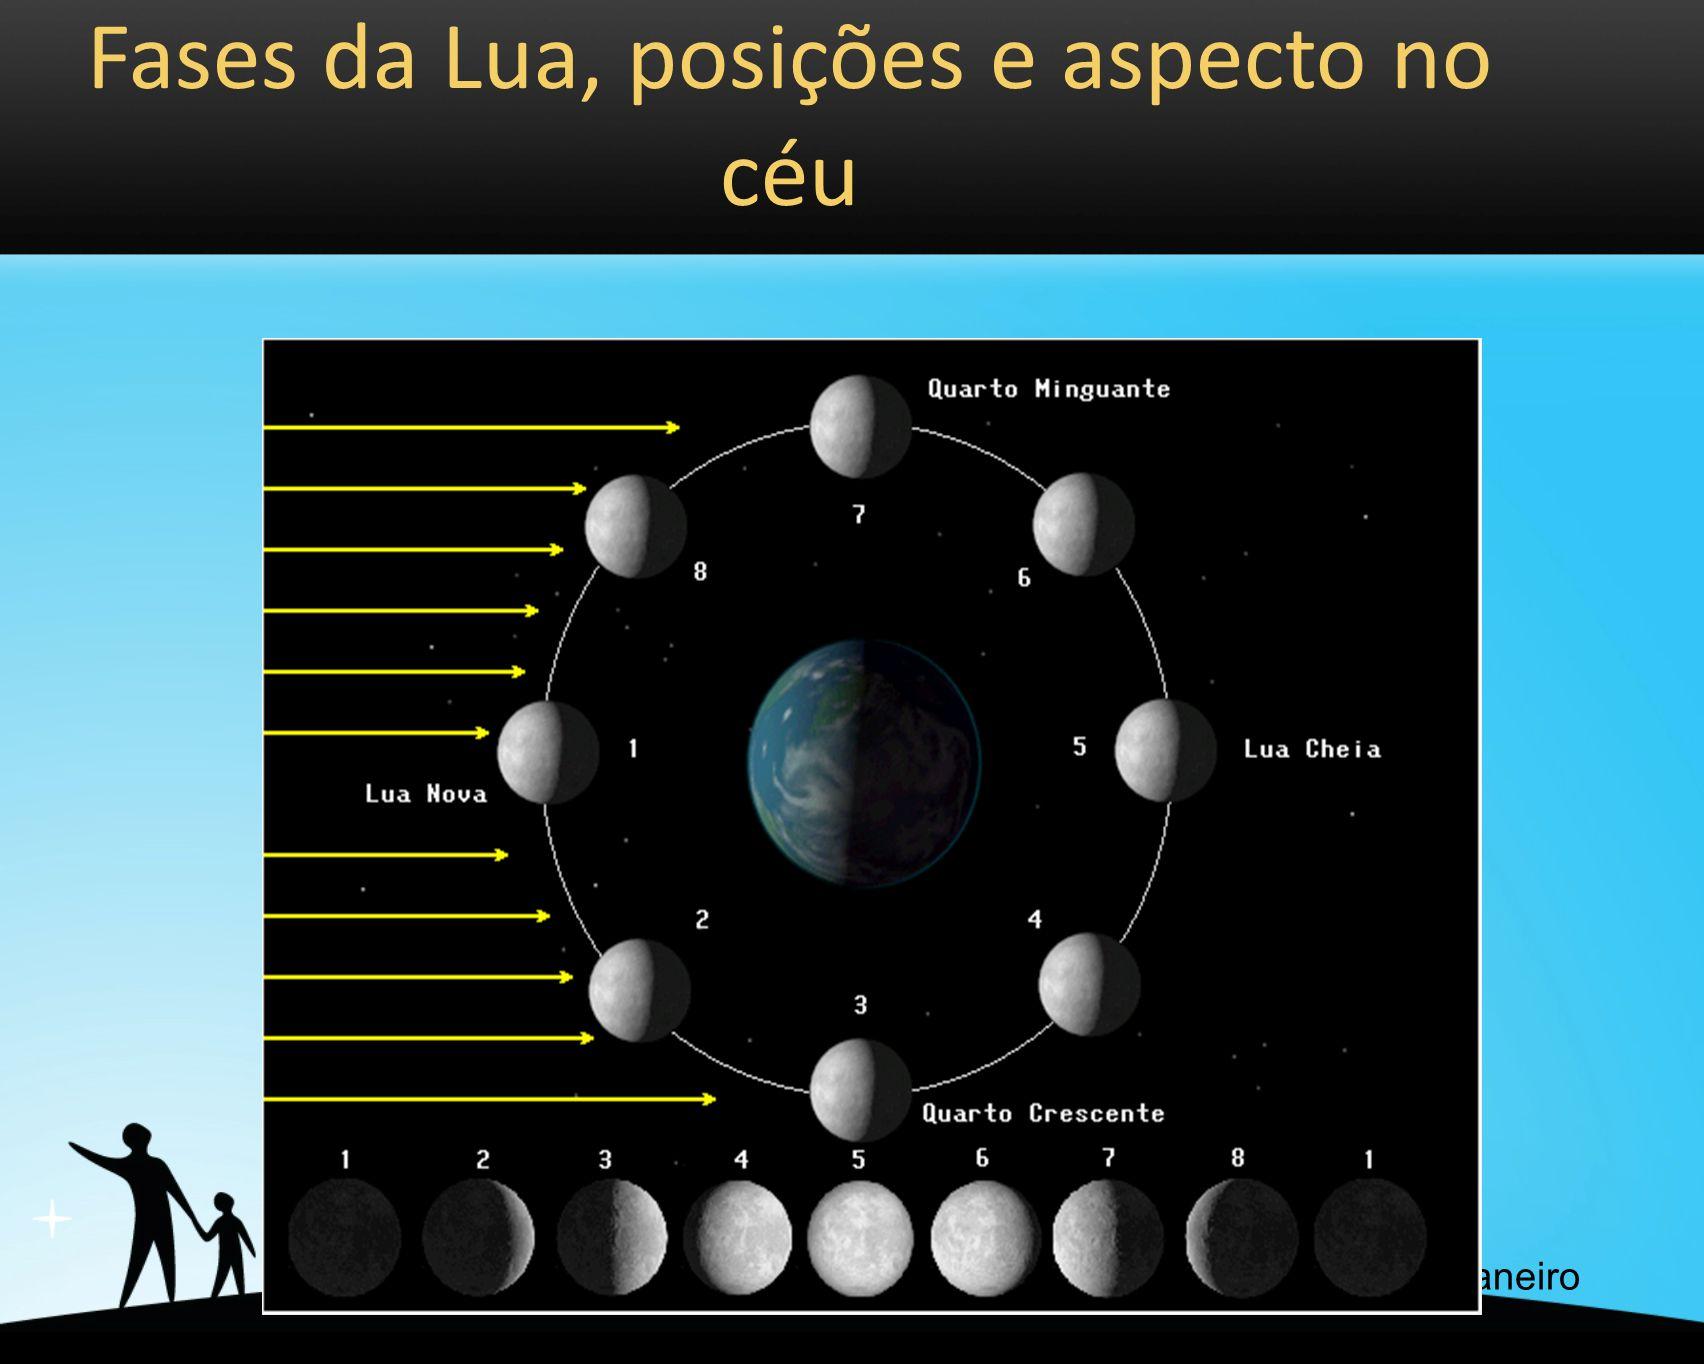 Fases da Lua, posições e aspecto no céu